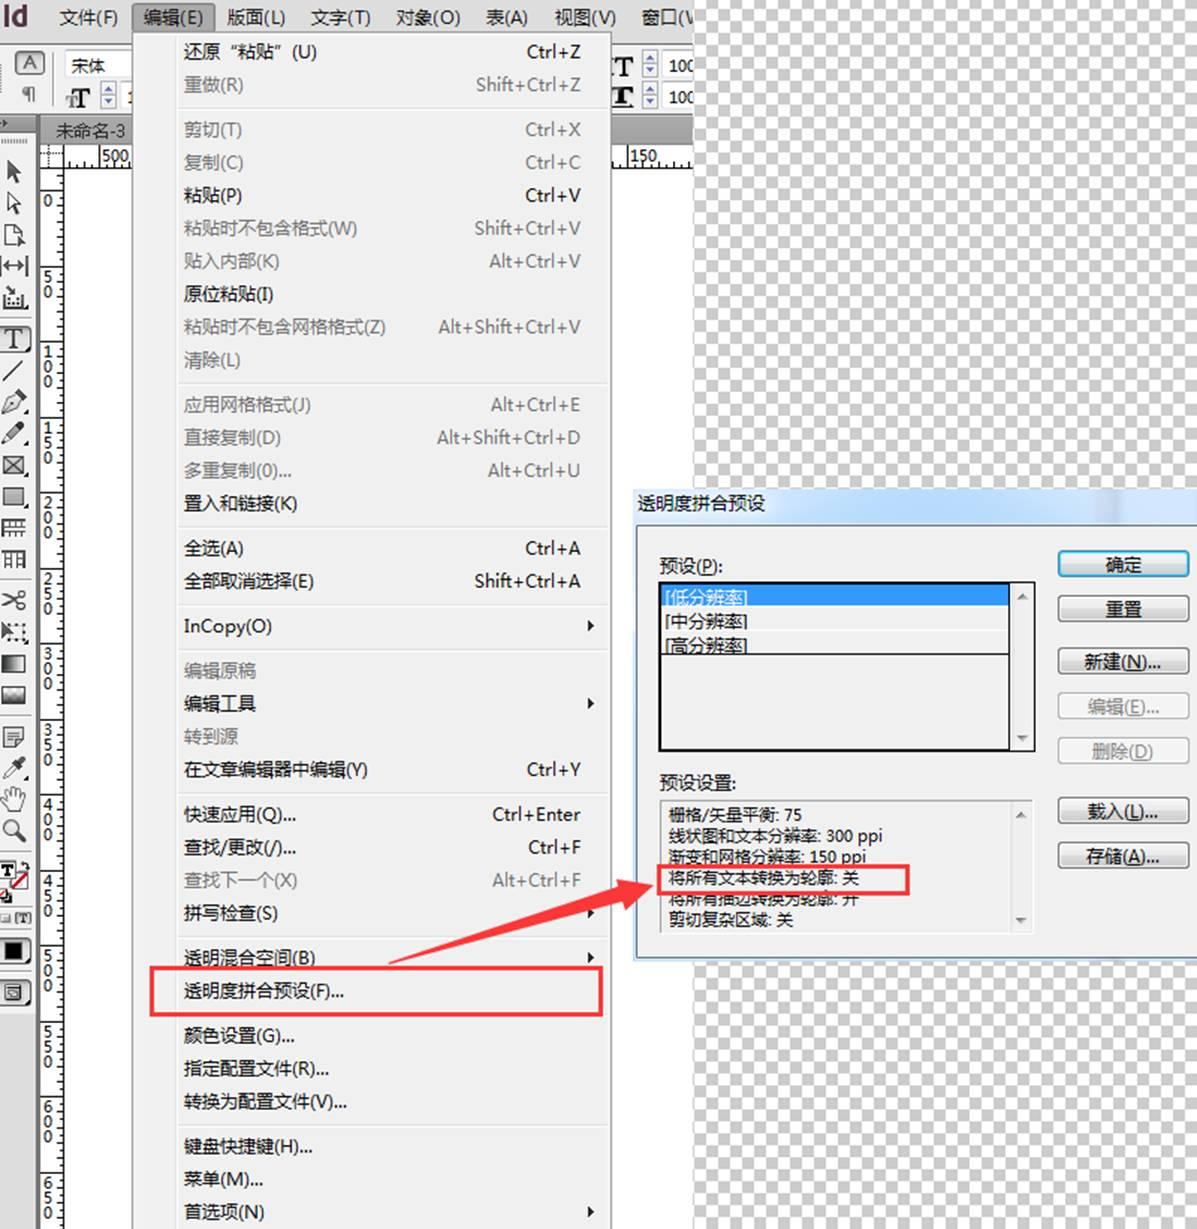 电子杂志制作 PDF制作排版设计建议